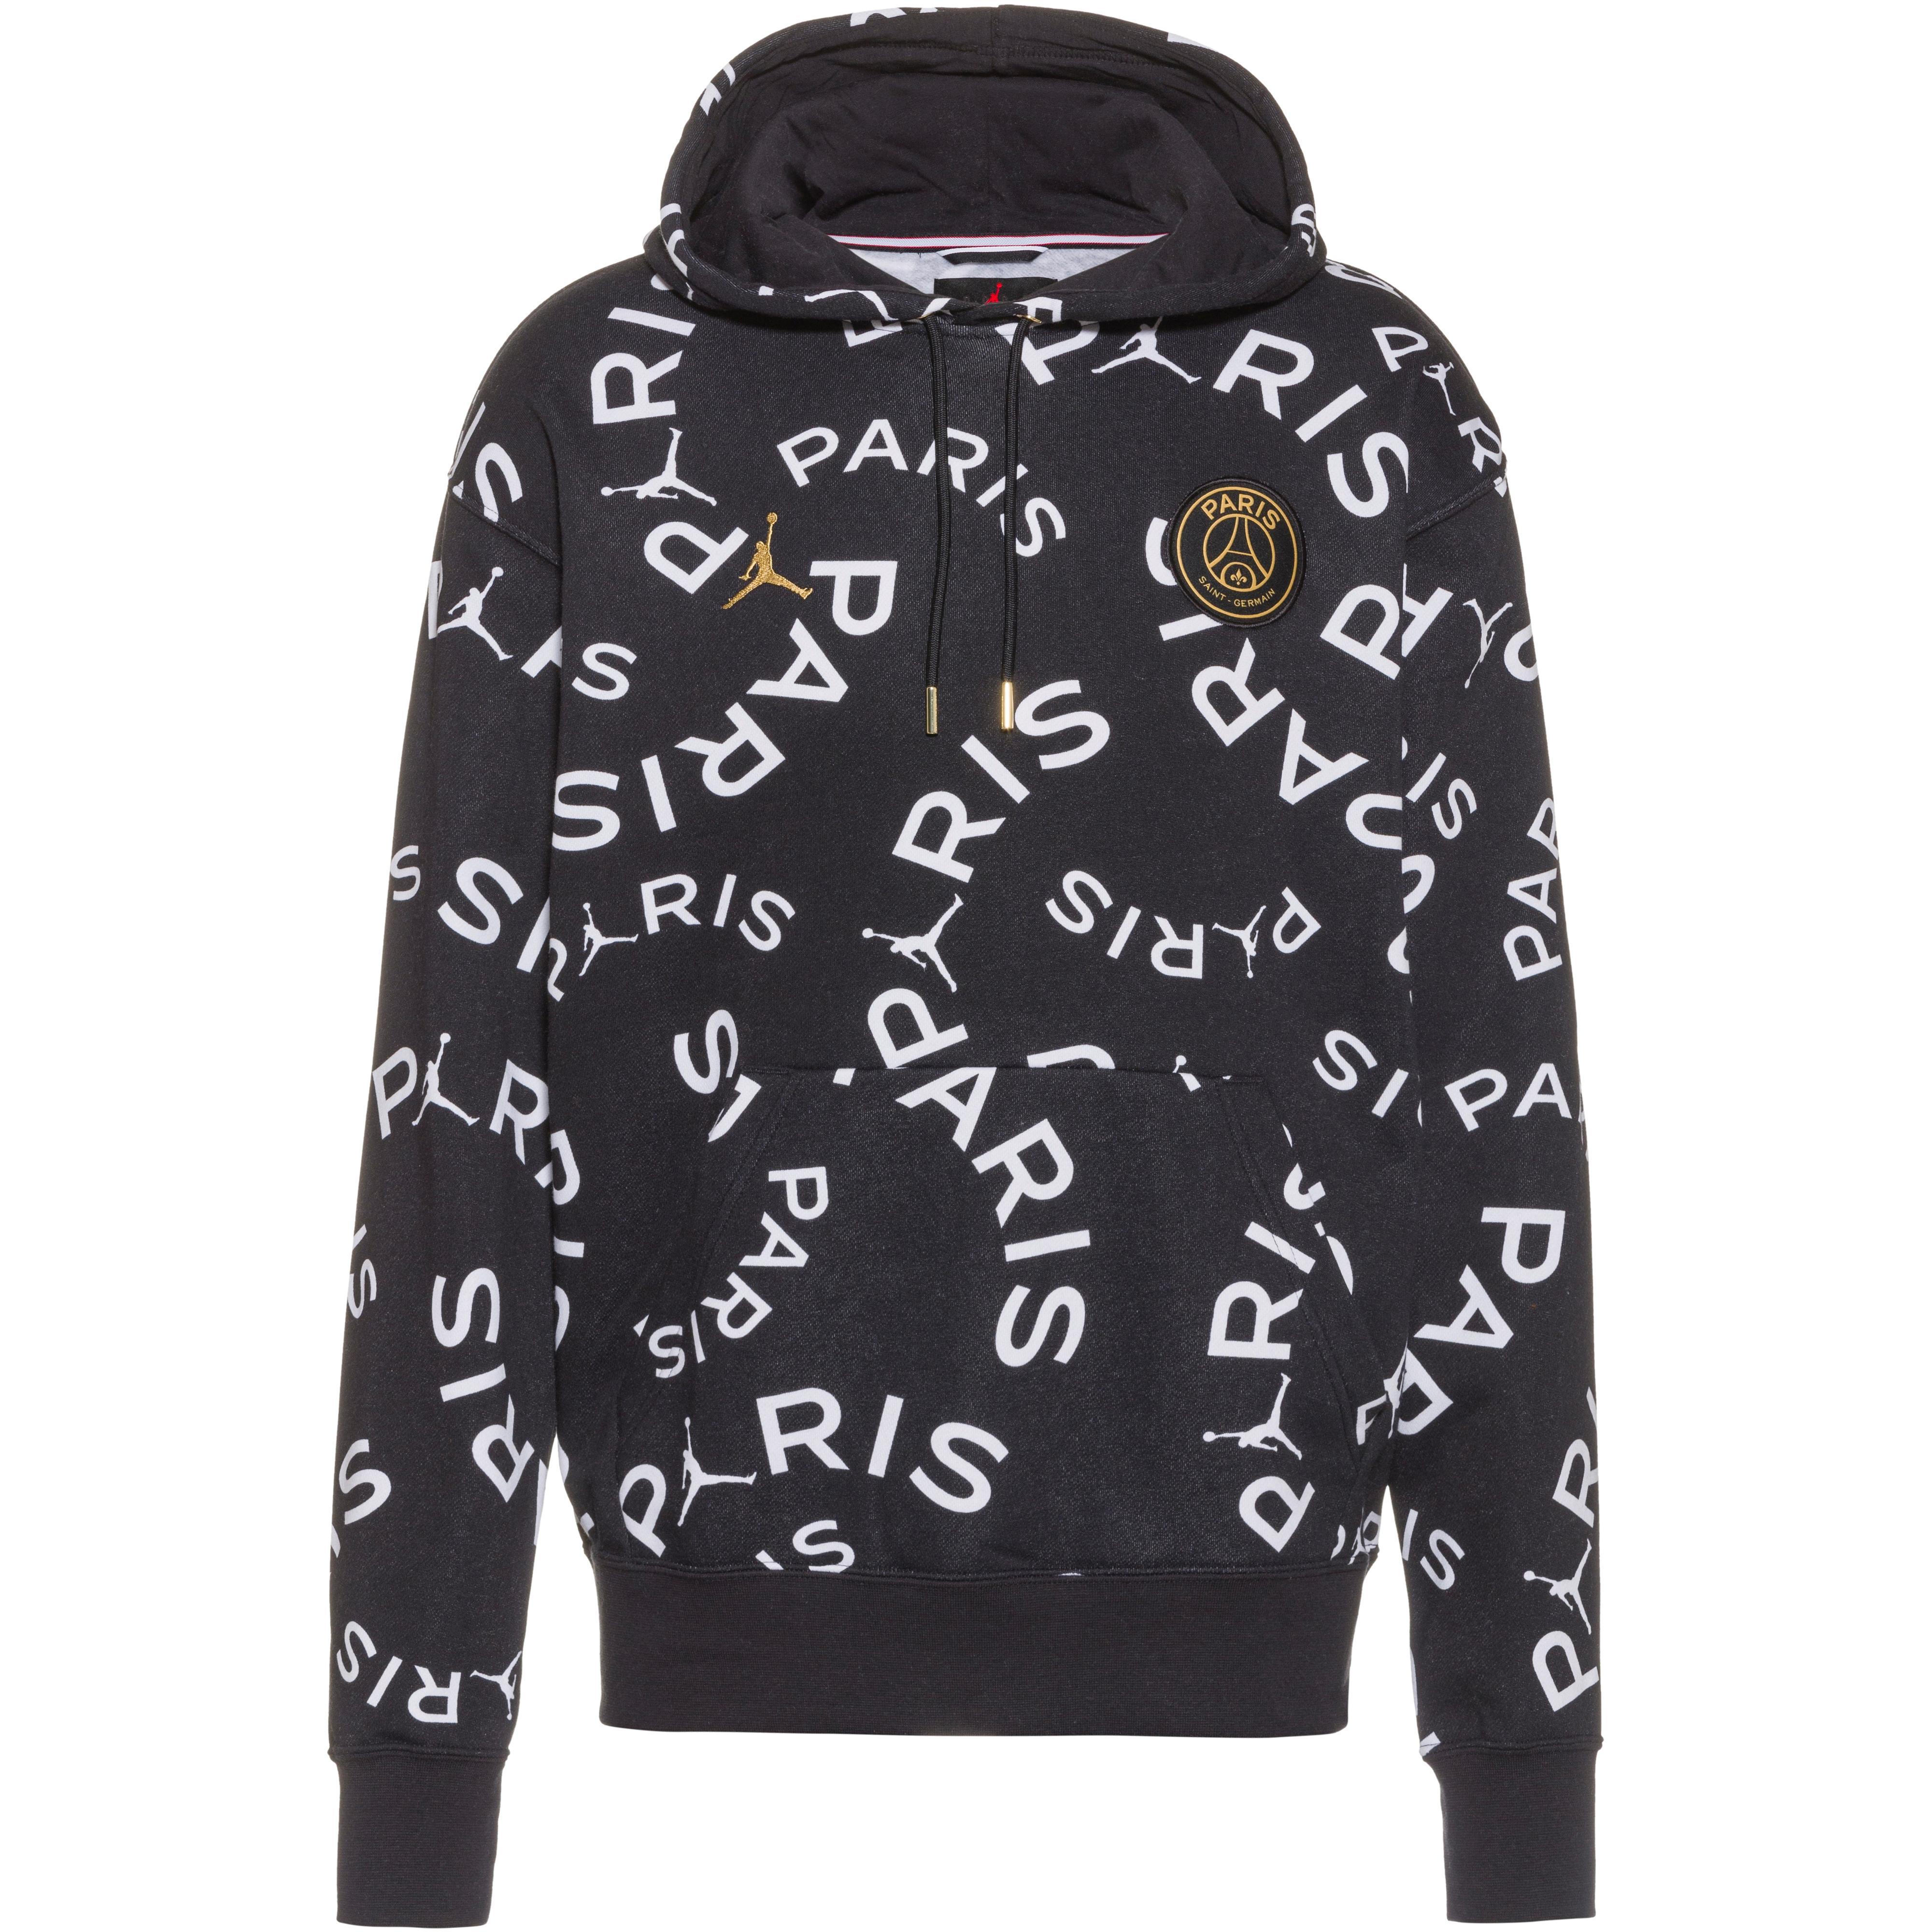 nike paris saint germain jordan hoodie herren black metallic gold im online shop von sportscheck kaufen